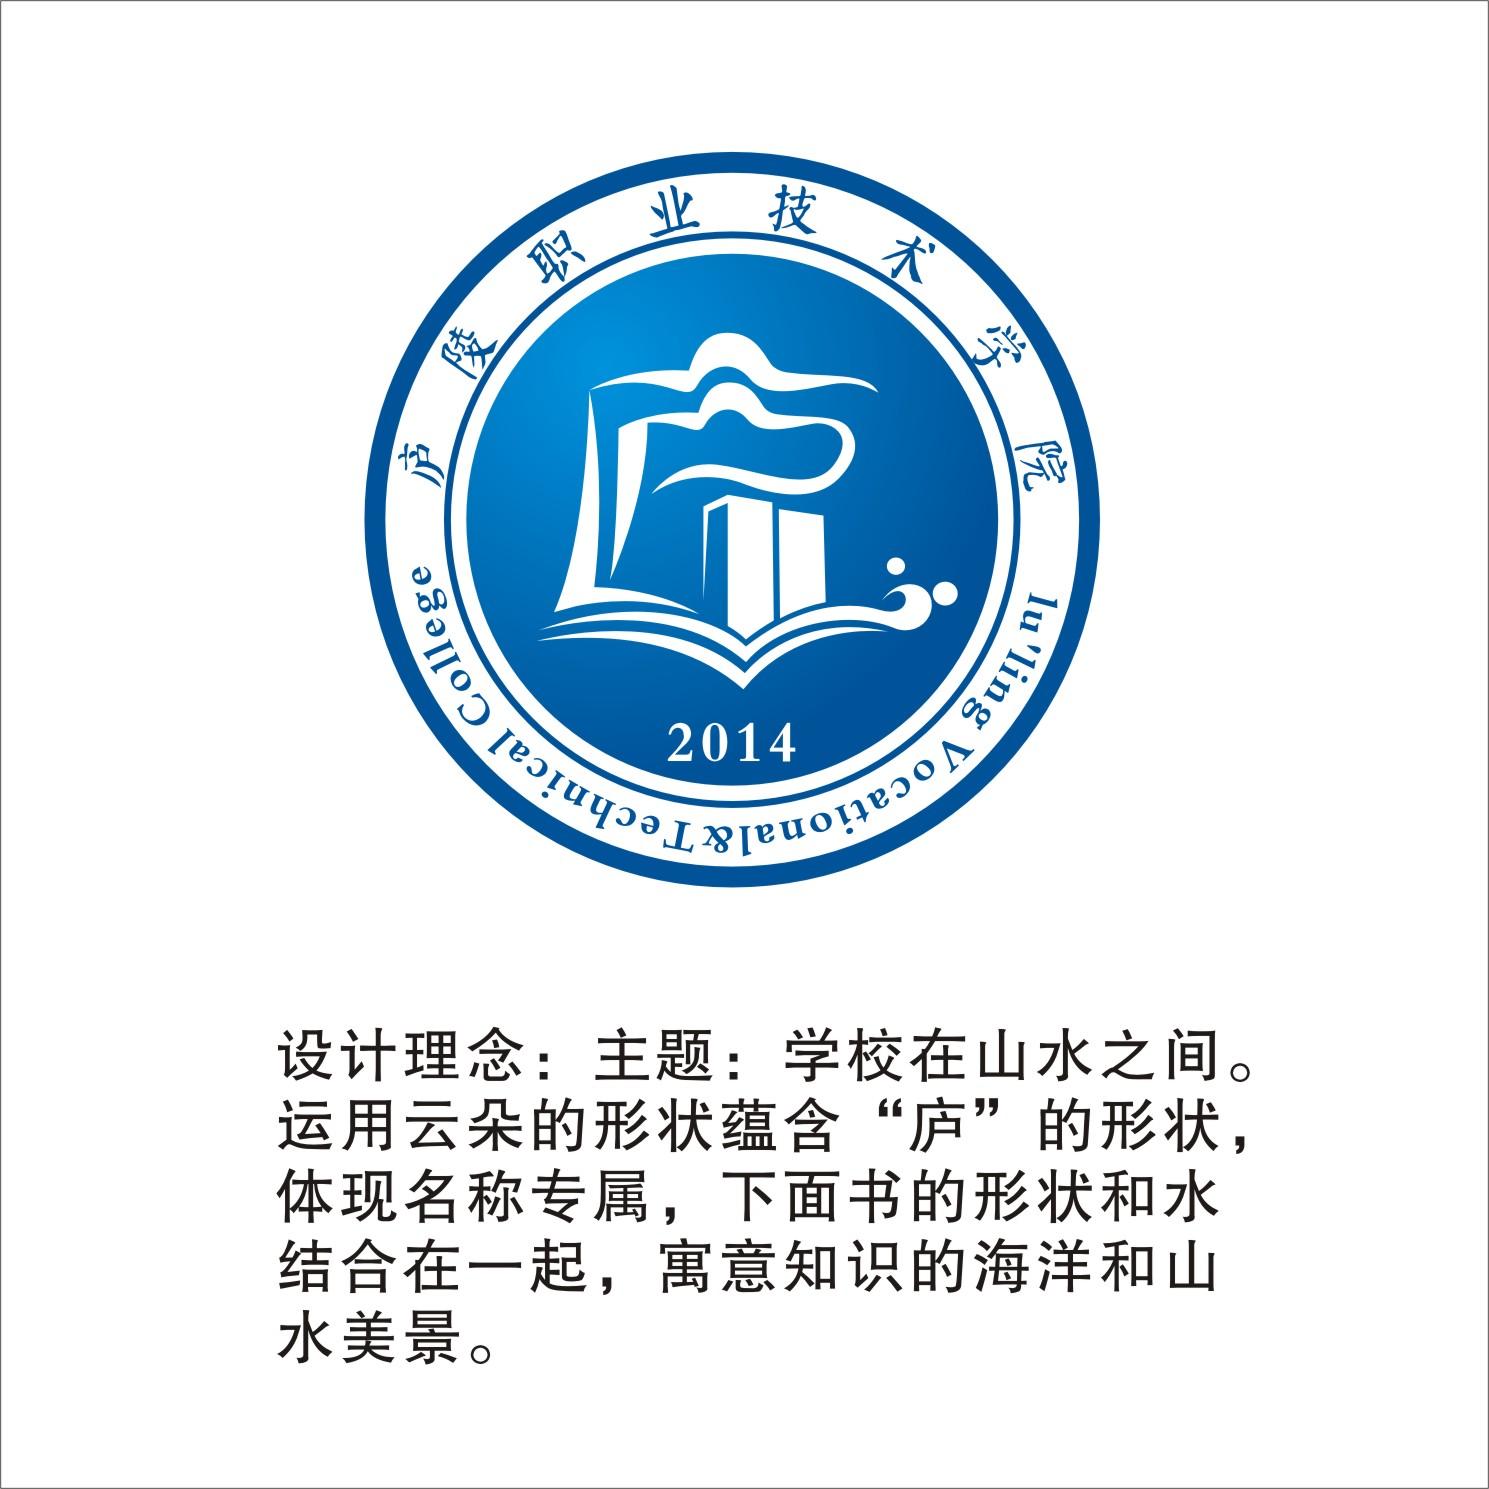 学院的校徽设计